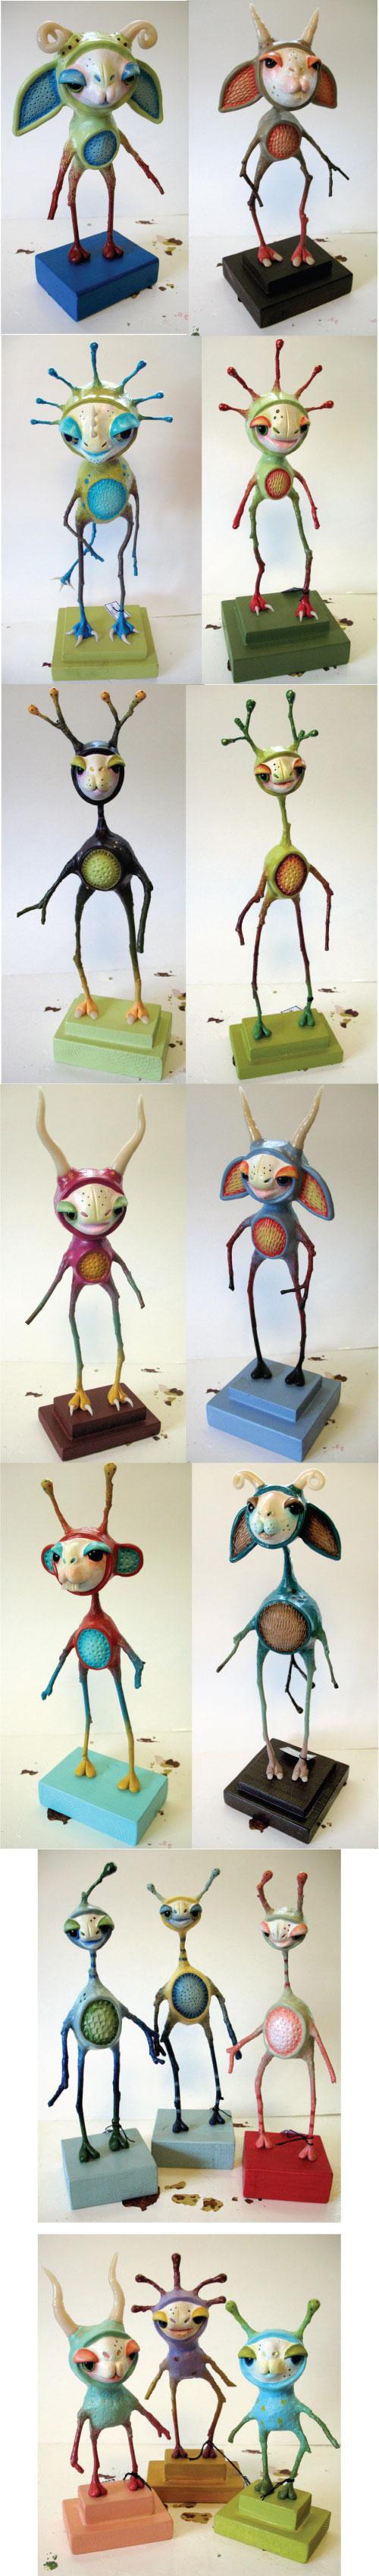 2-legged_sculptures